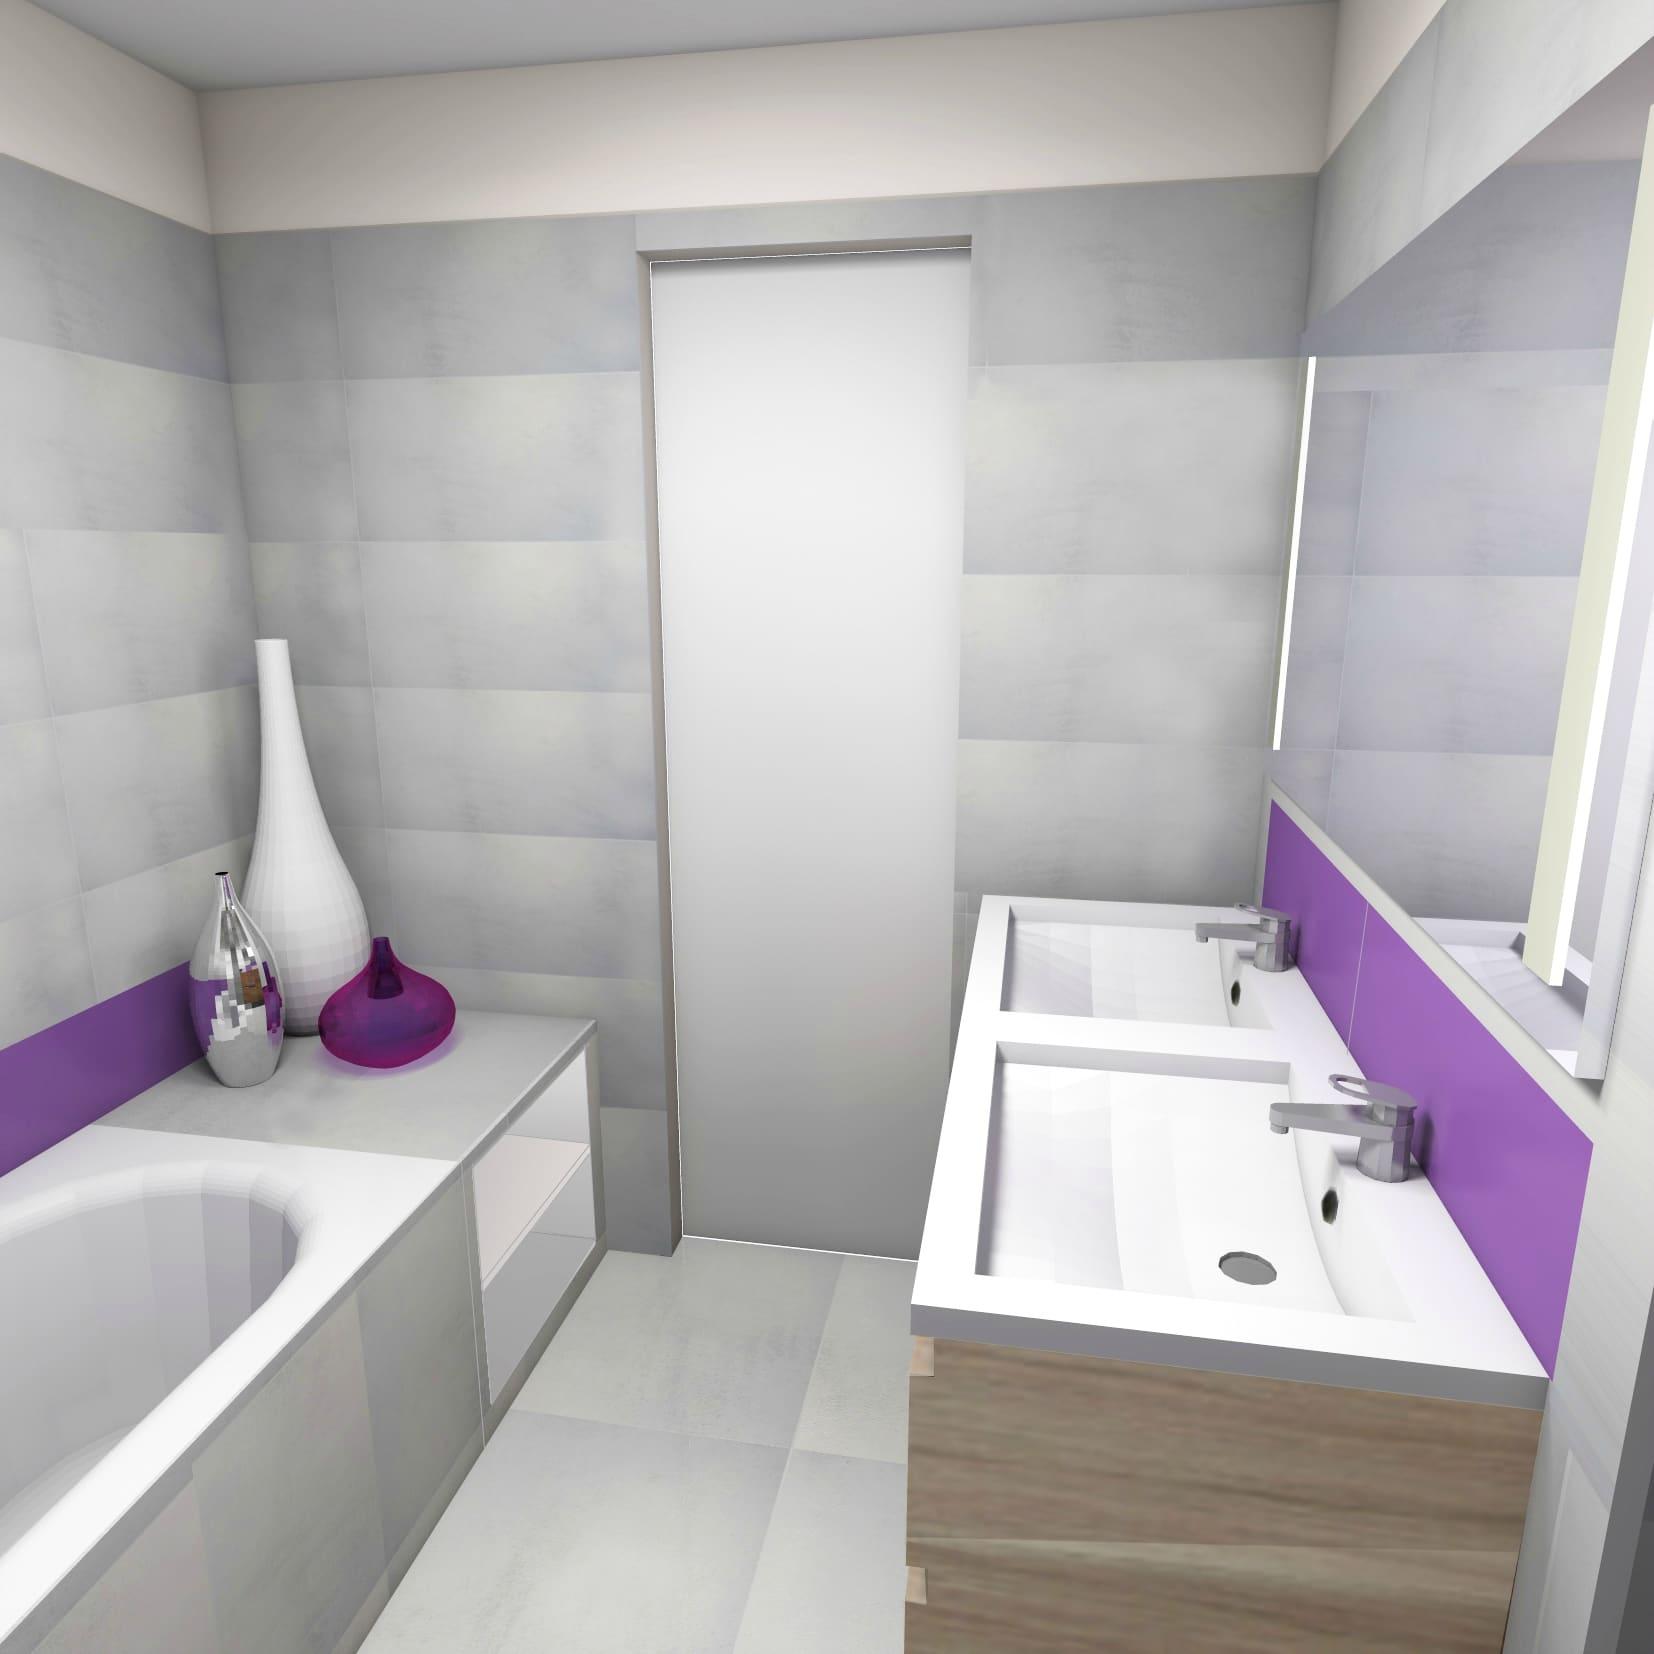 Realisation salle de bain 3d for Projet salle de bain 3d